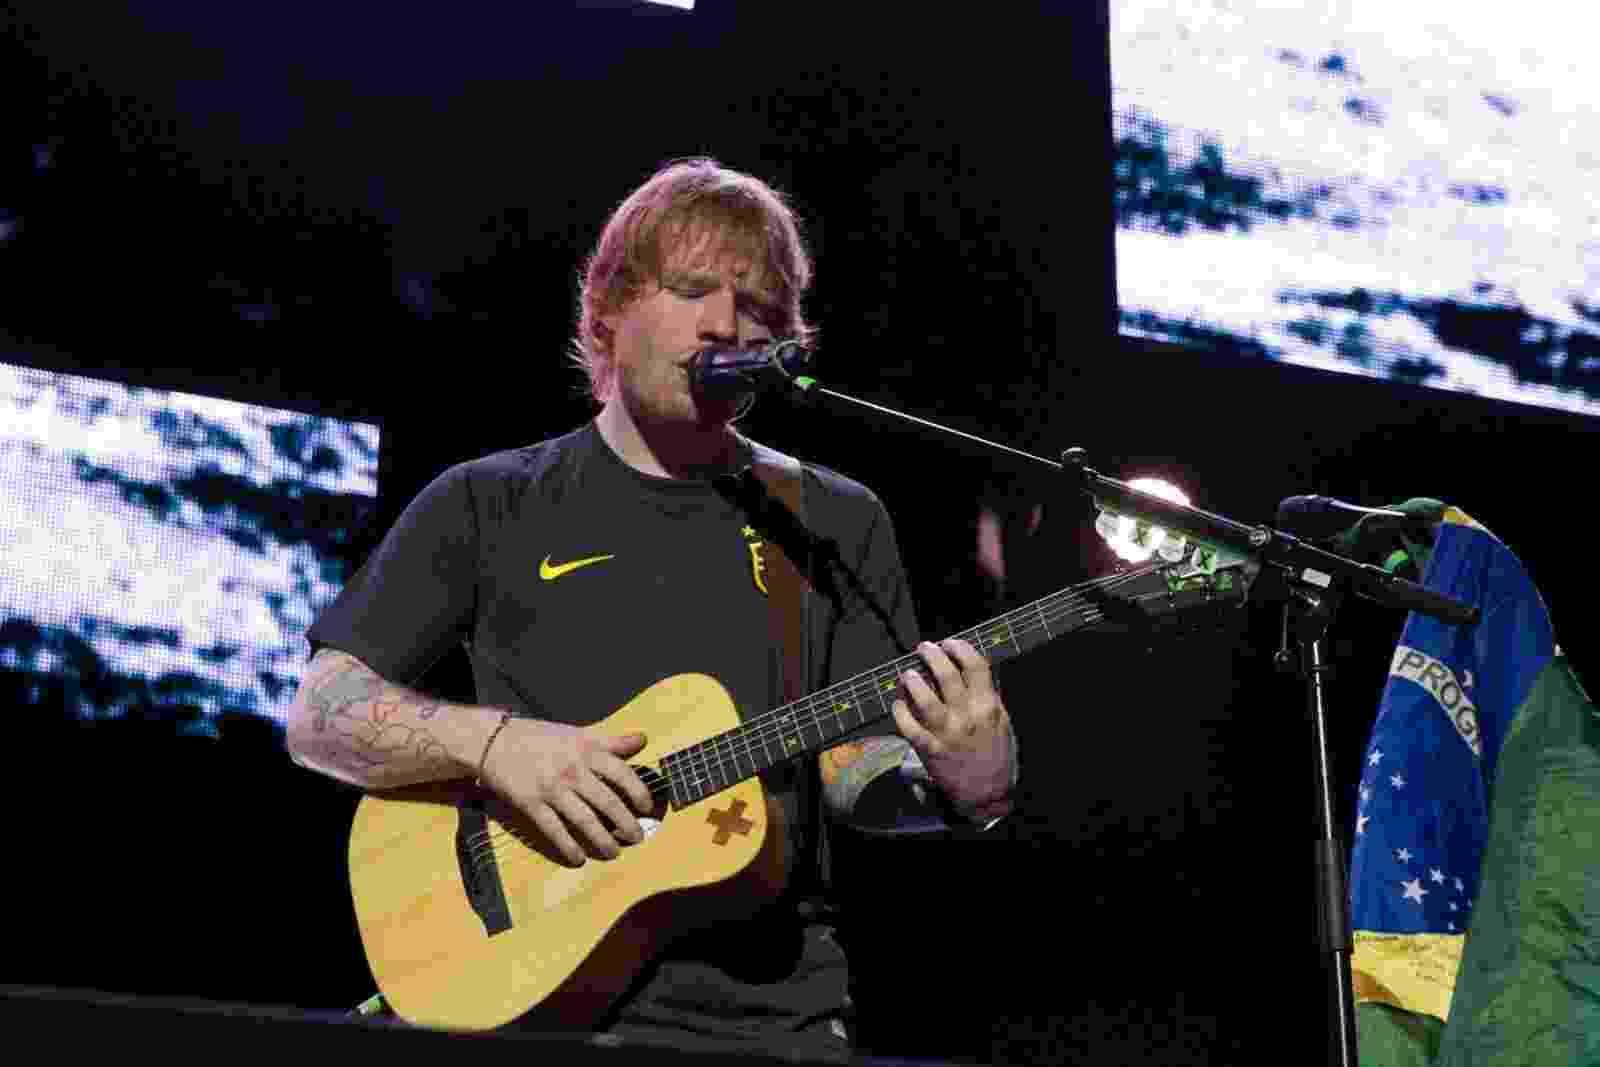 28.abr.2015 -  O cantor britânico Ed Sheeran abriu sua turnê brasileira nesta terça-feira (28) no Espaço das Américas, em São Paulo - Marcelo Brammer/AgNews